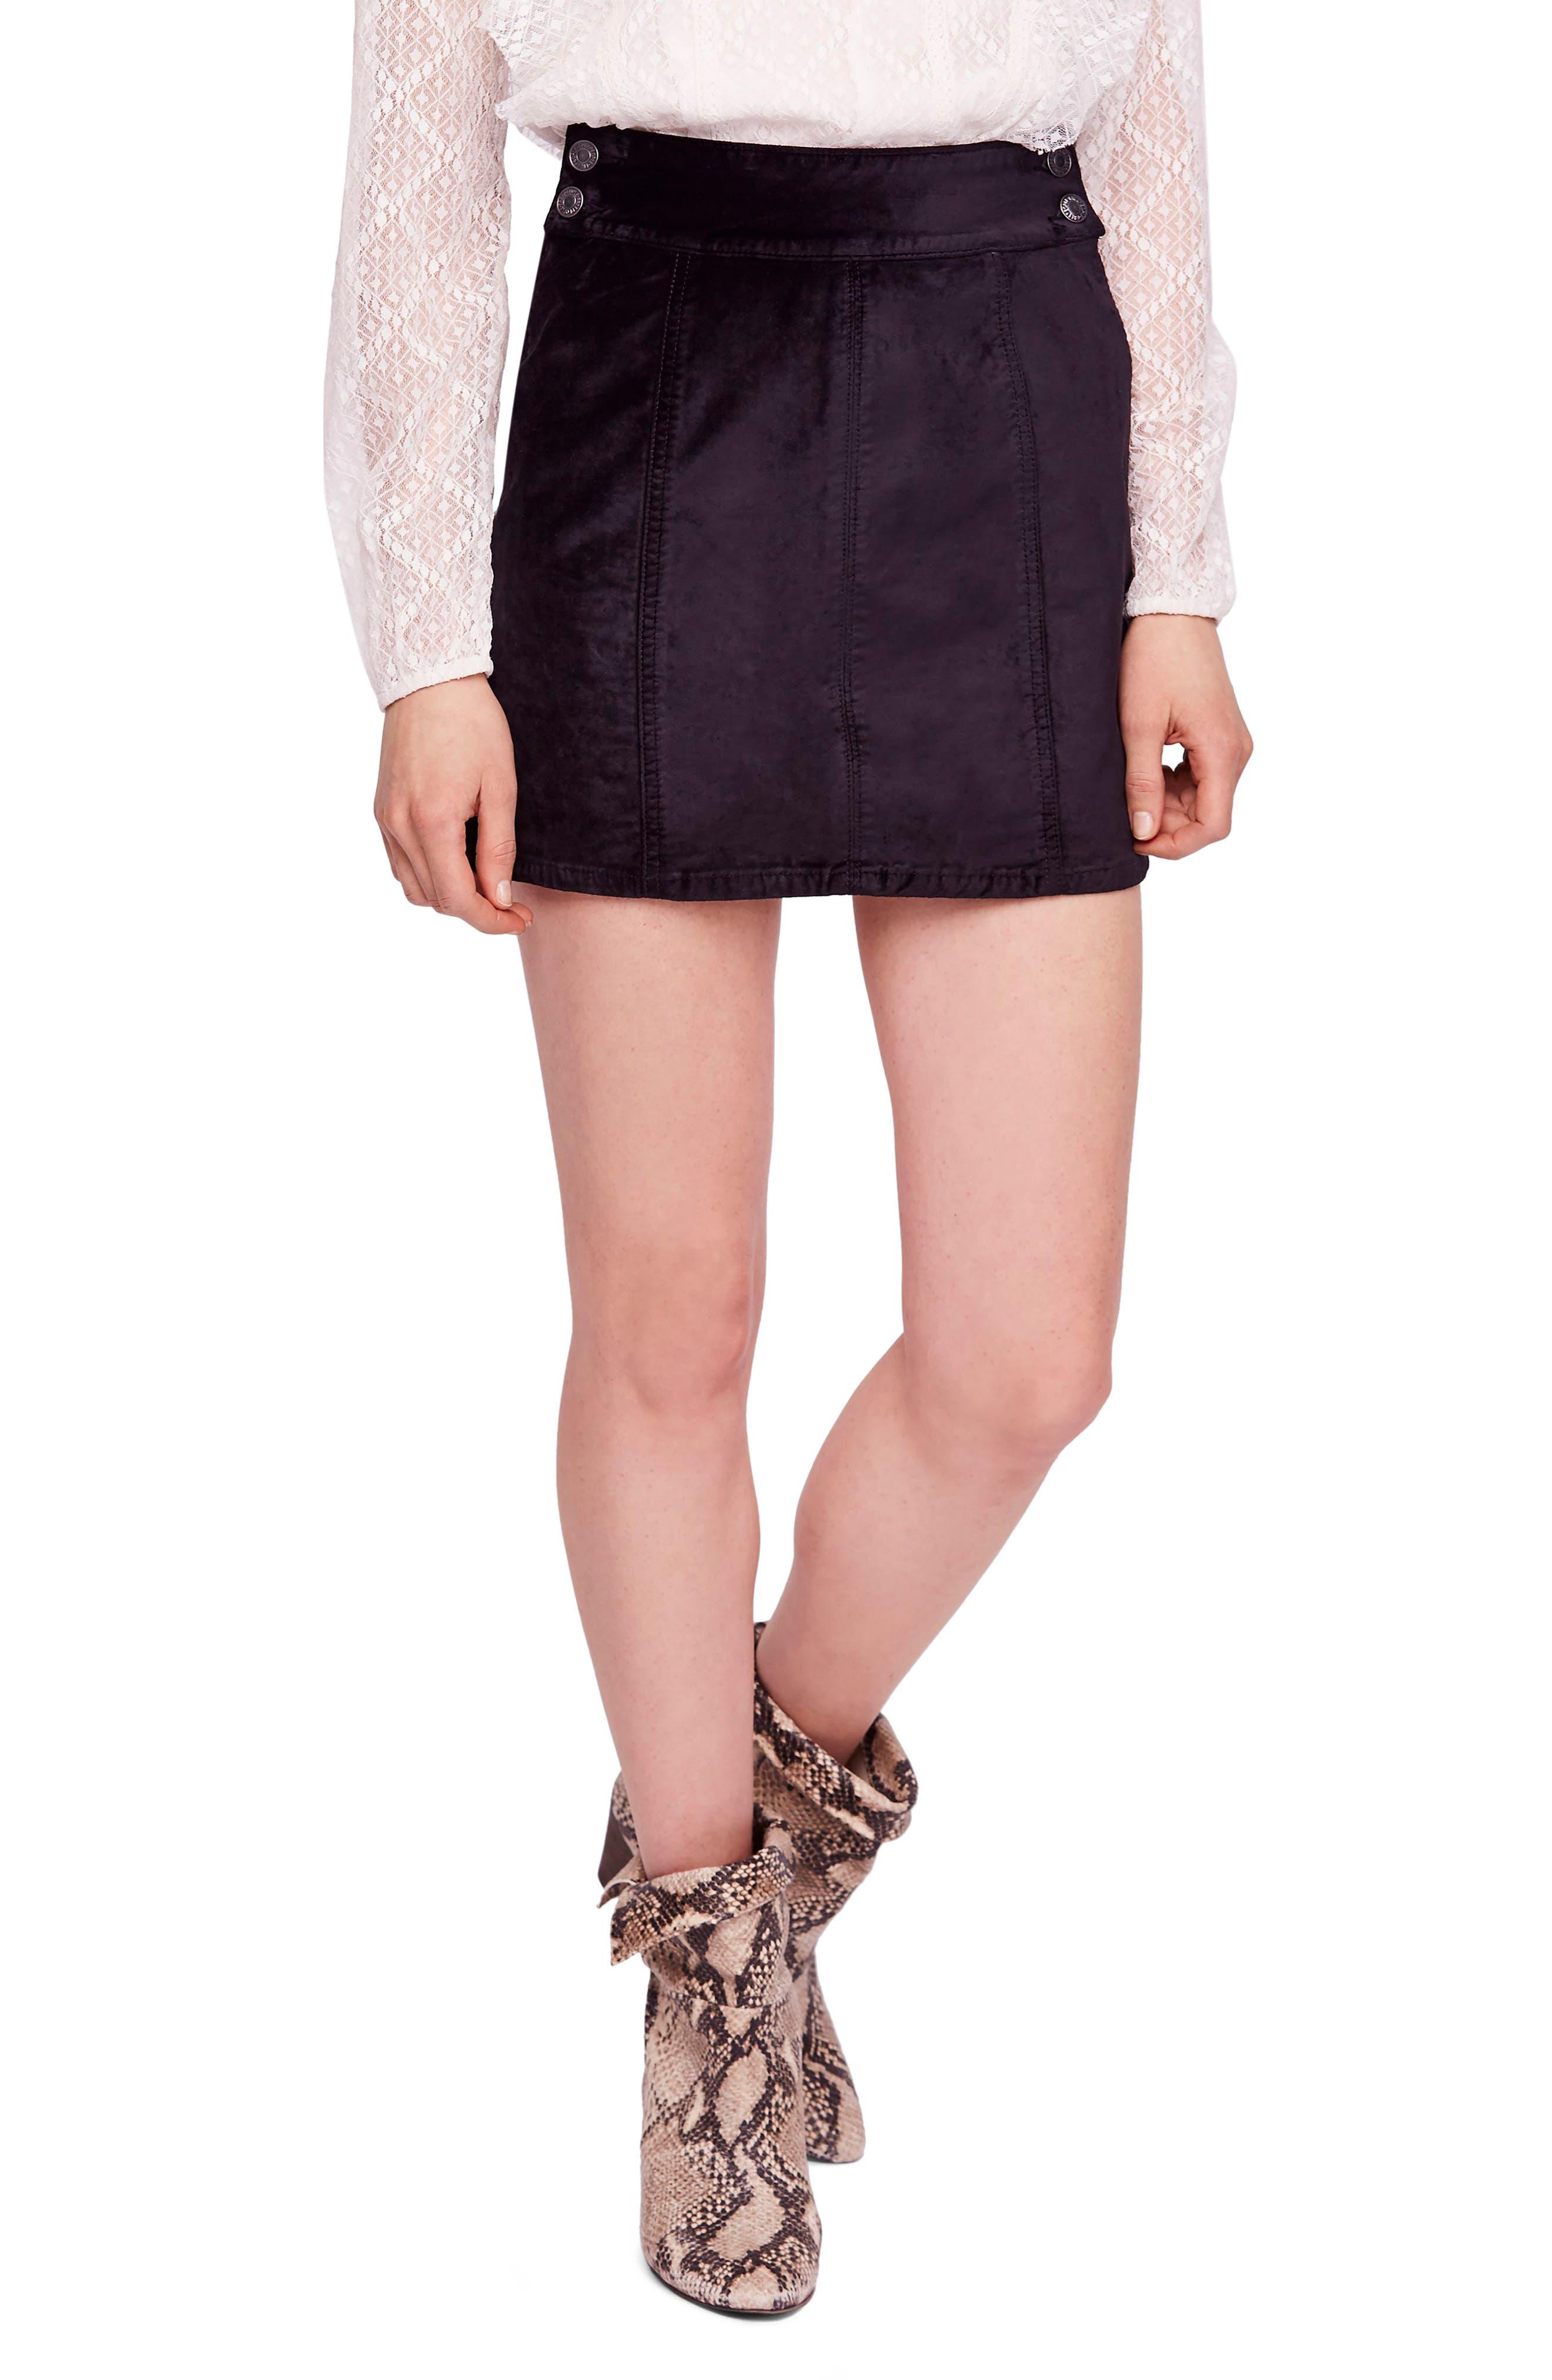 Free People Velvet Miniskirt, Black